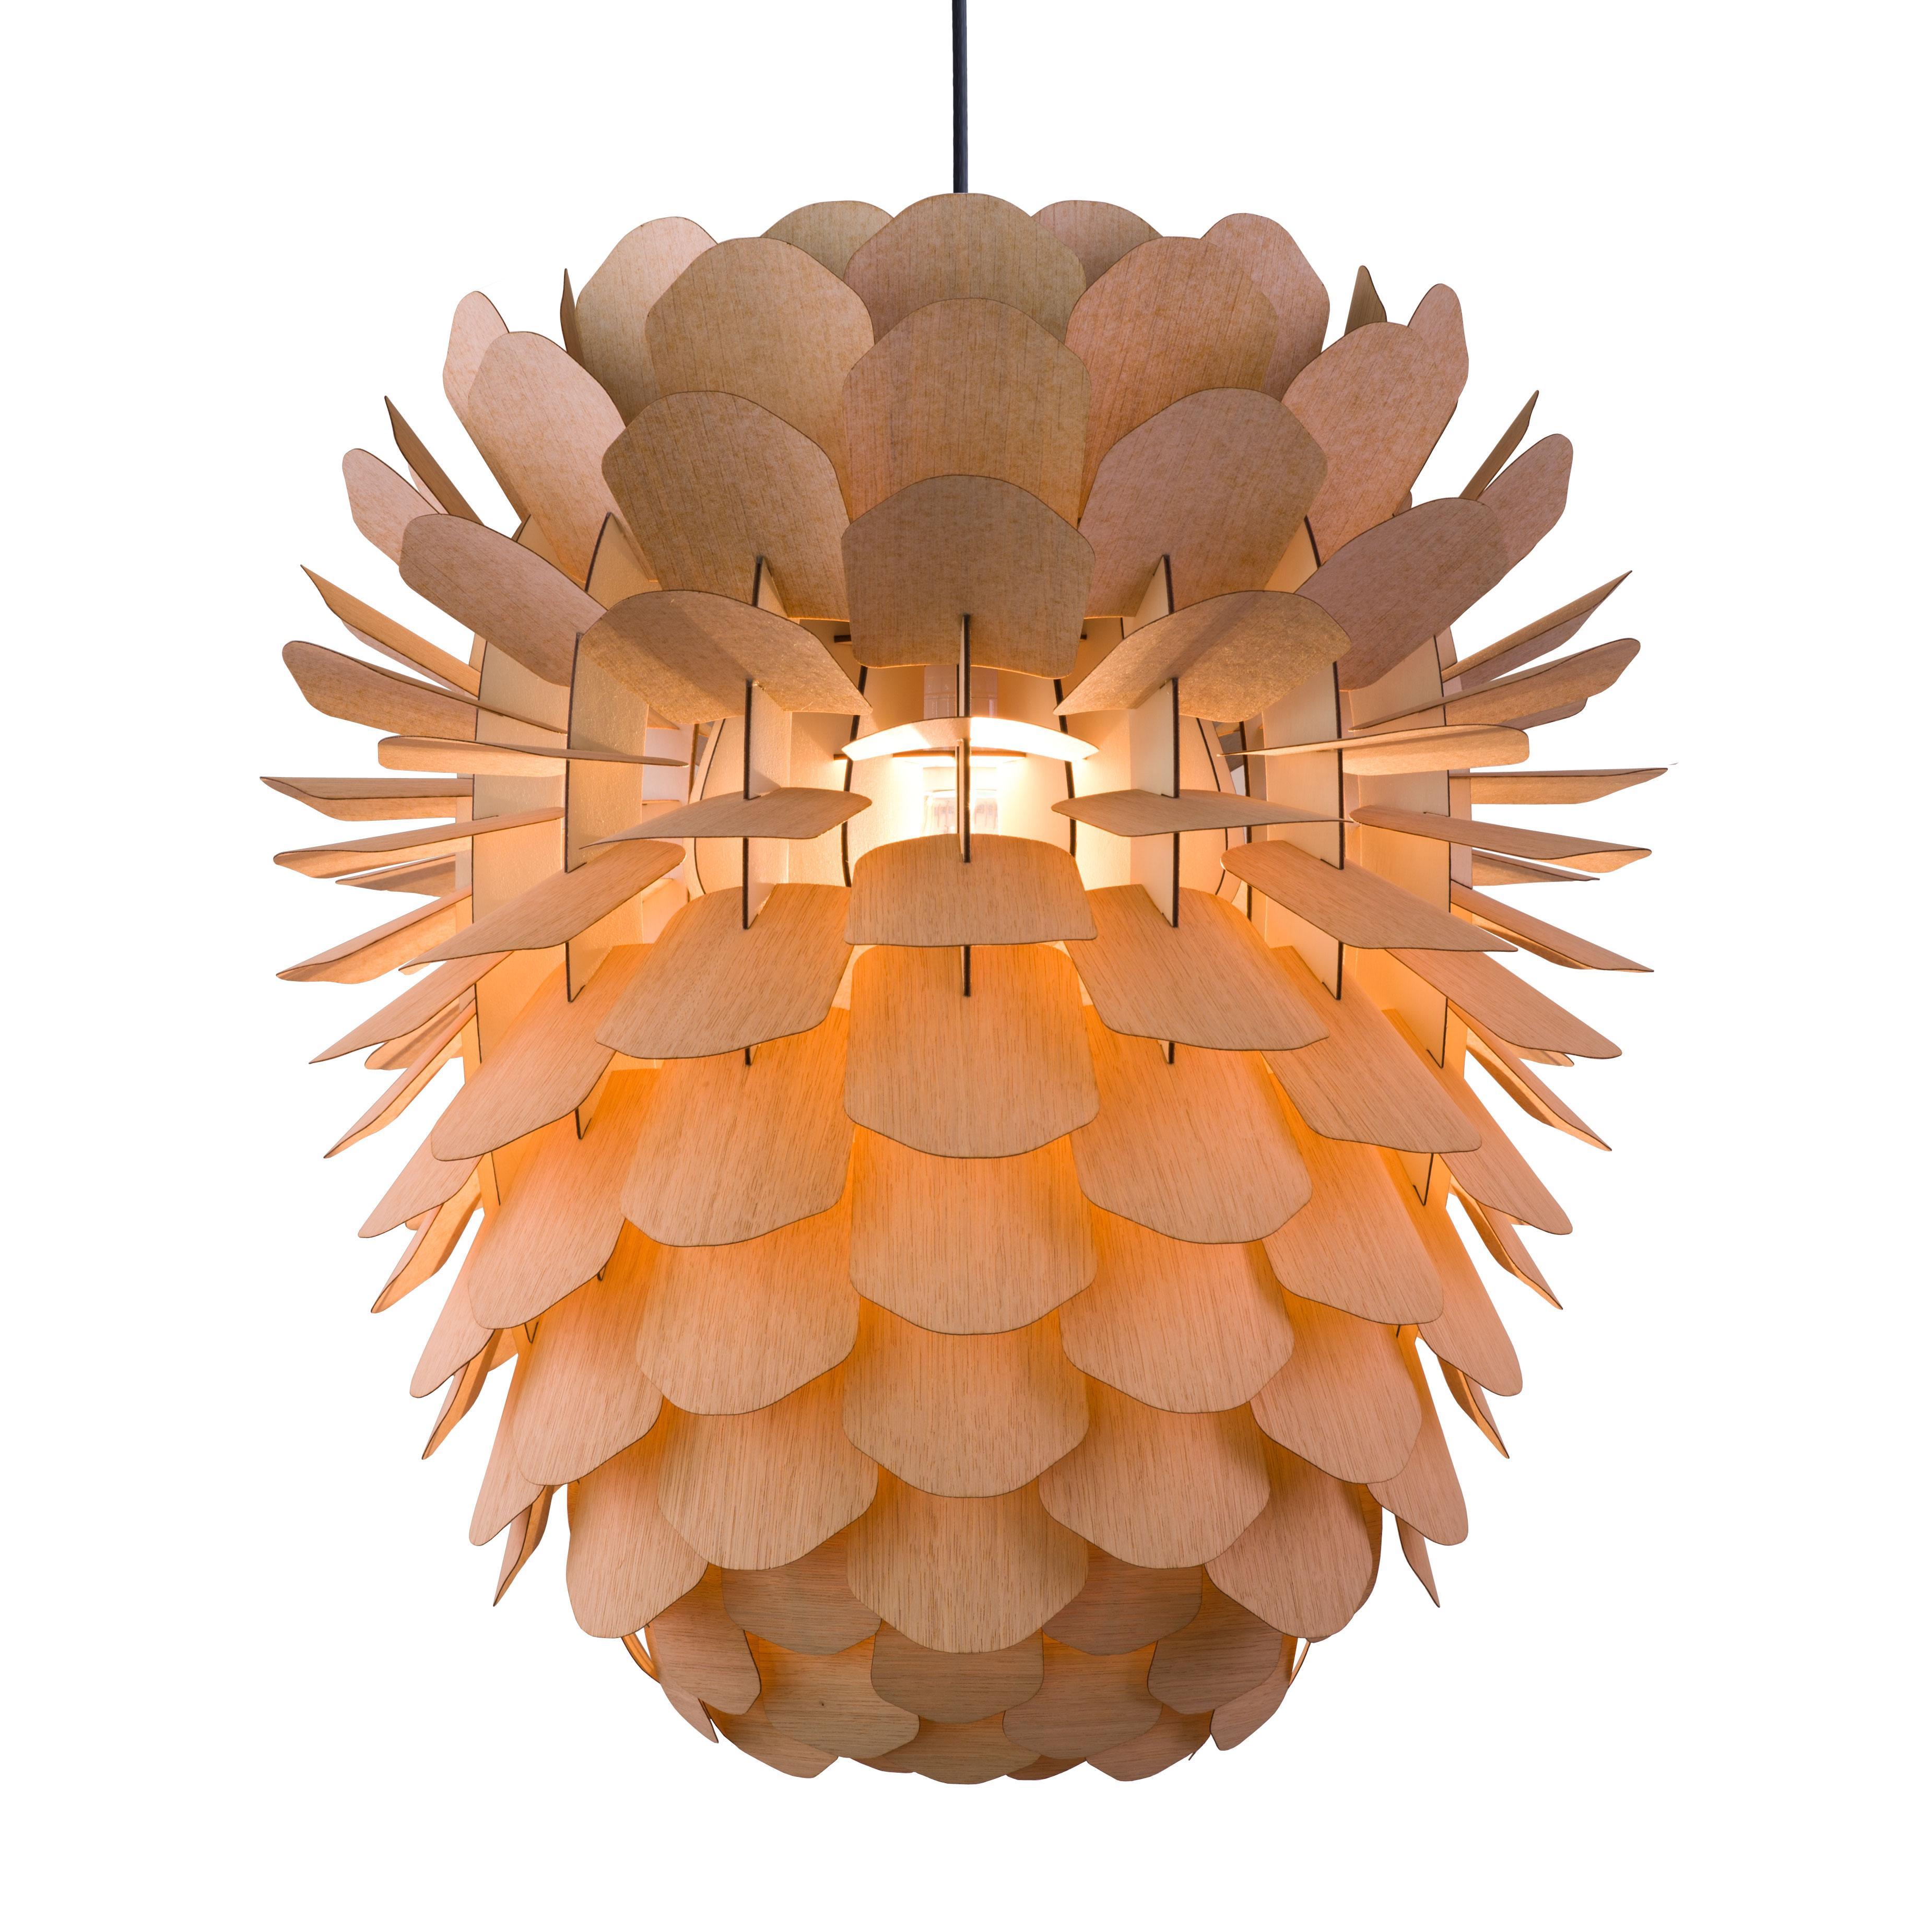 designer pendelleuchte zappy aus eichenholzfurnier v • couchstyle, Wohnzimmer